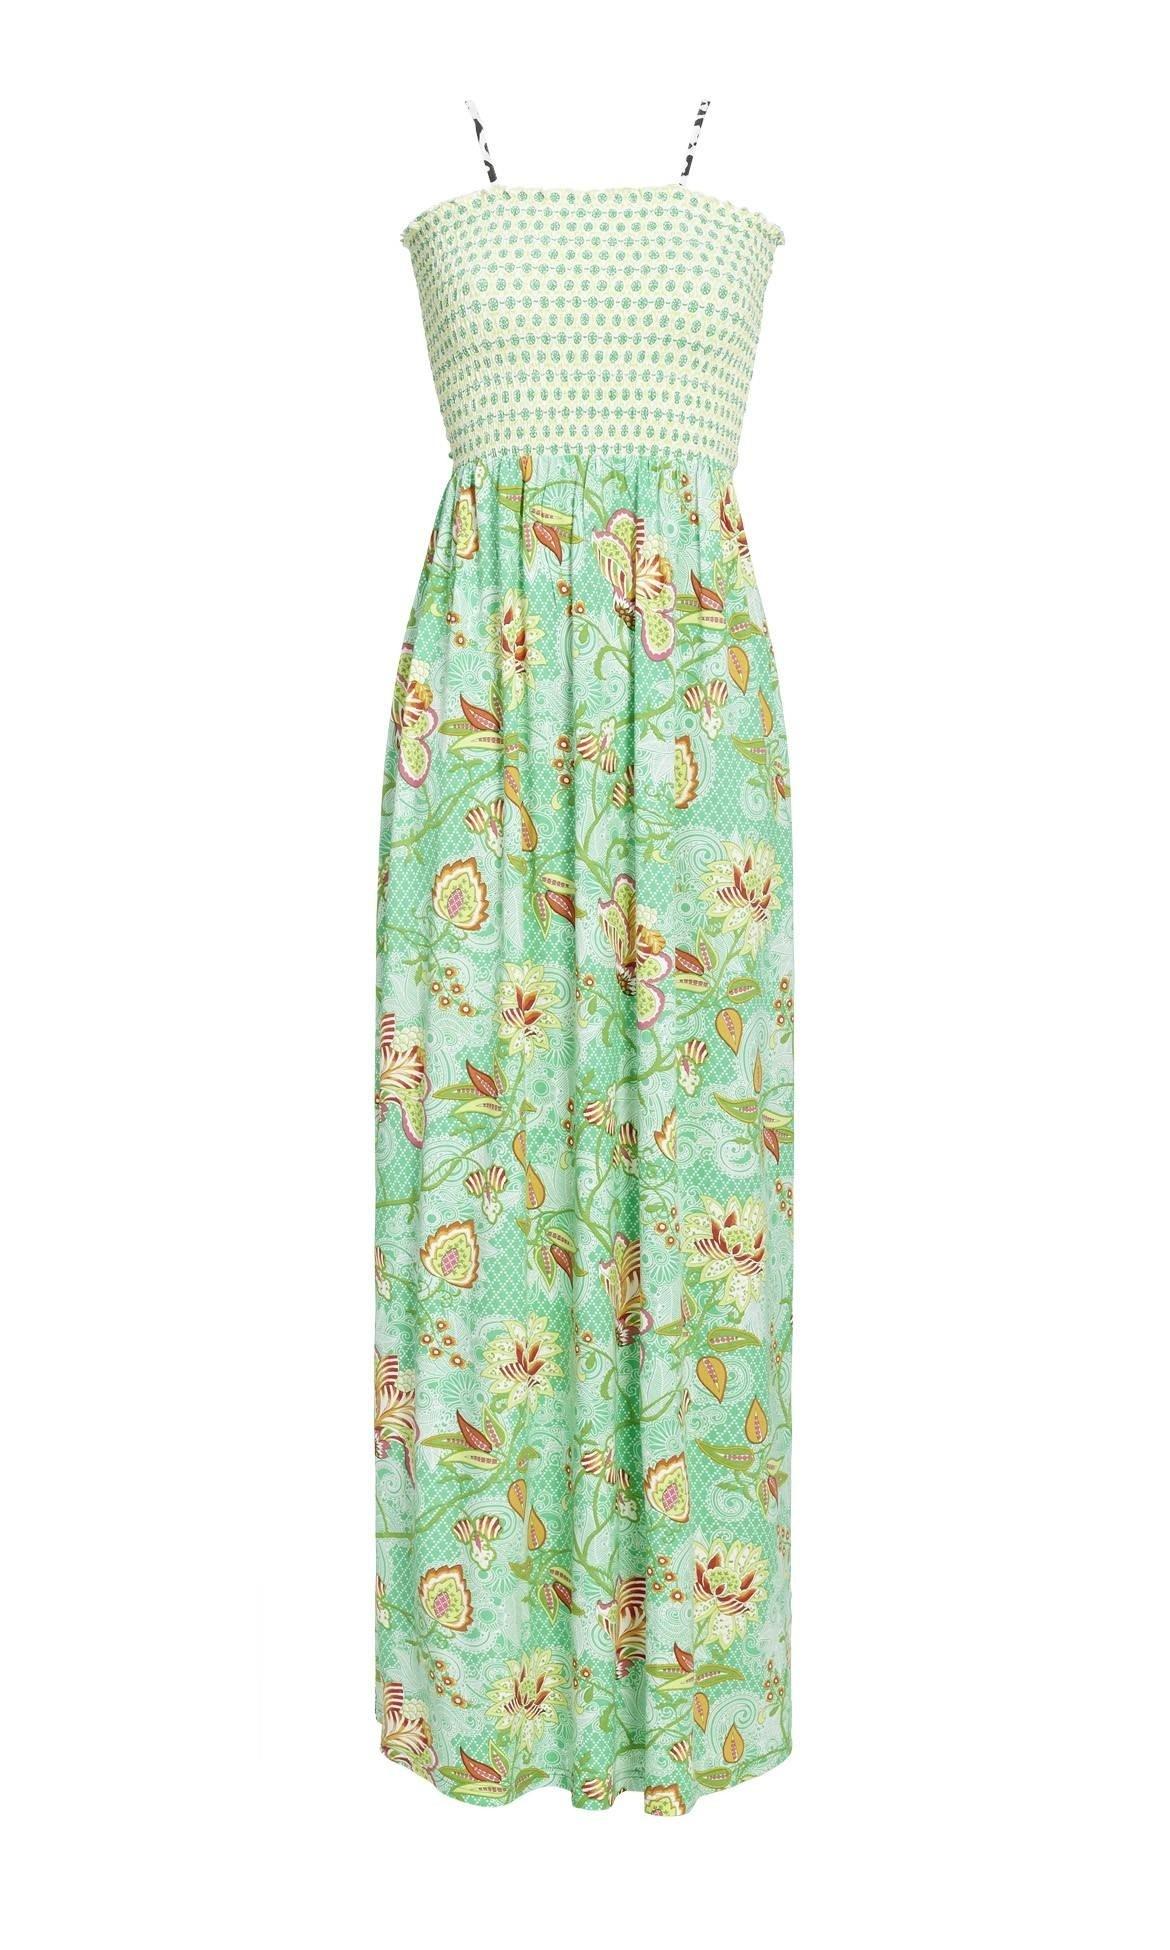 13 Erstaunlich Sommerkleid 44 Bester Preis15 Spektakulär Sommerkleid 44 für 2019